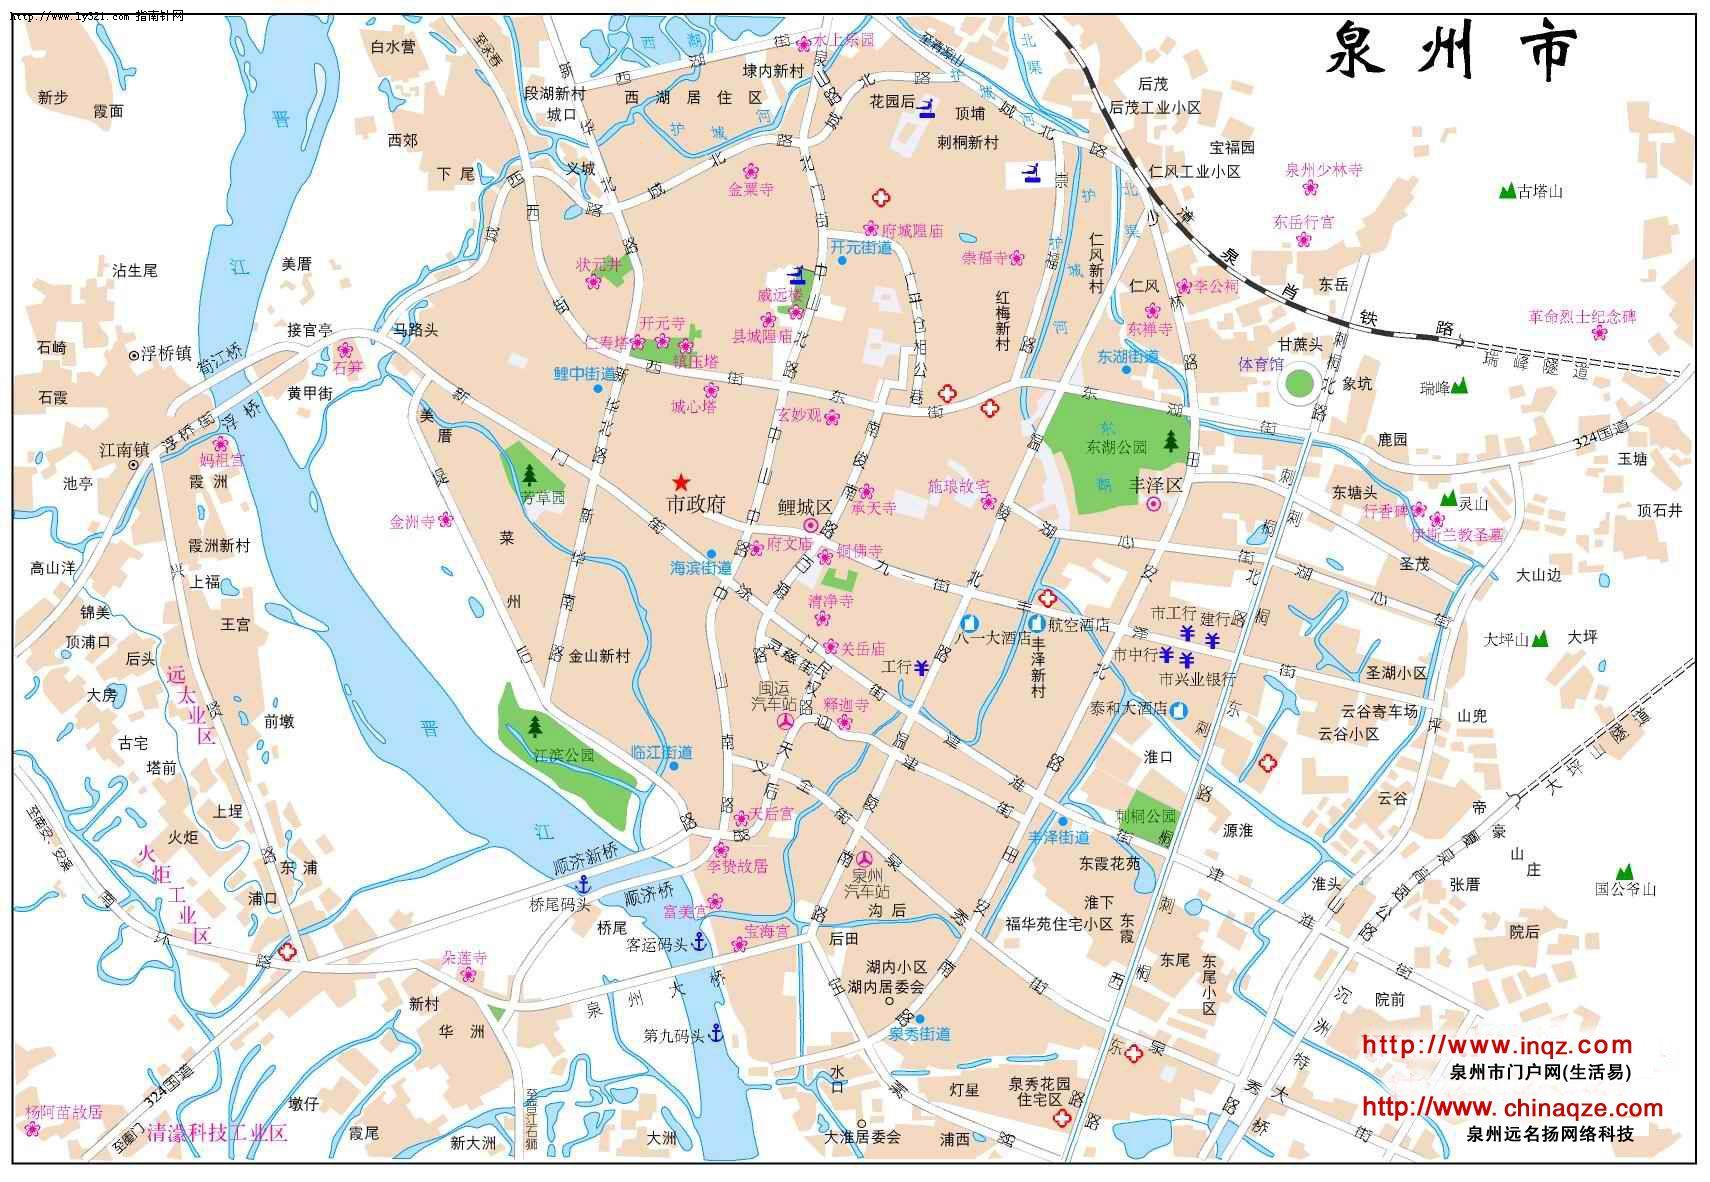 泉州市地图_福建其他旅游景点地图查询